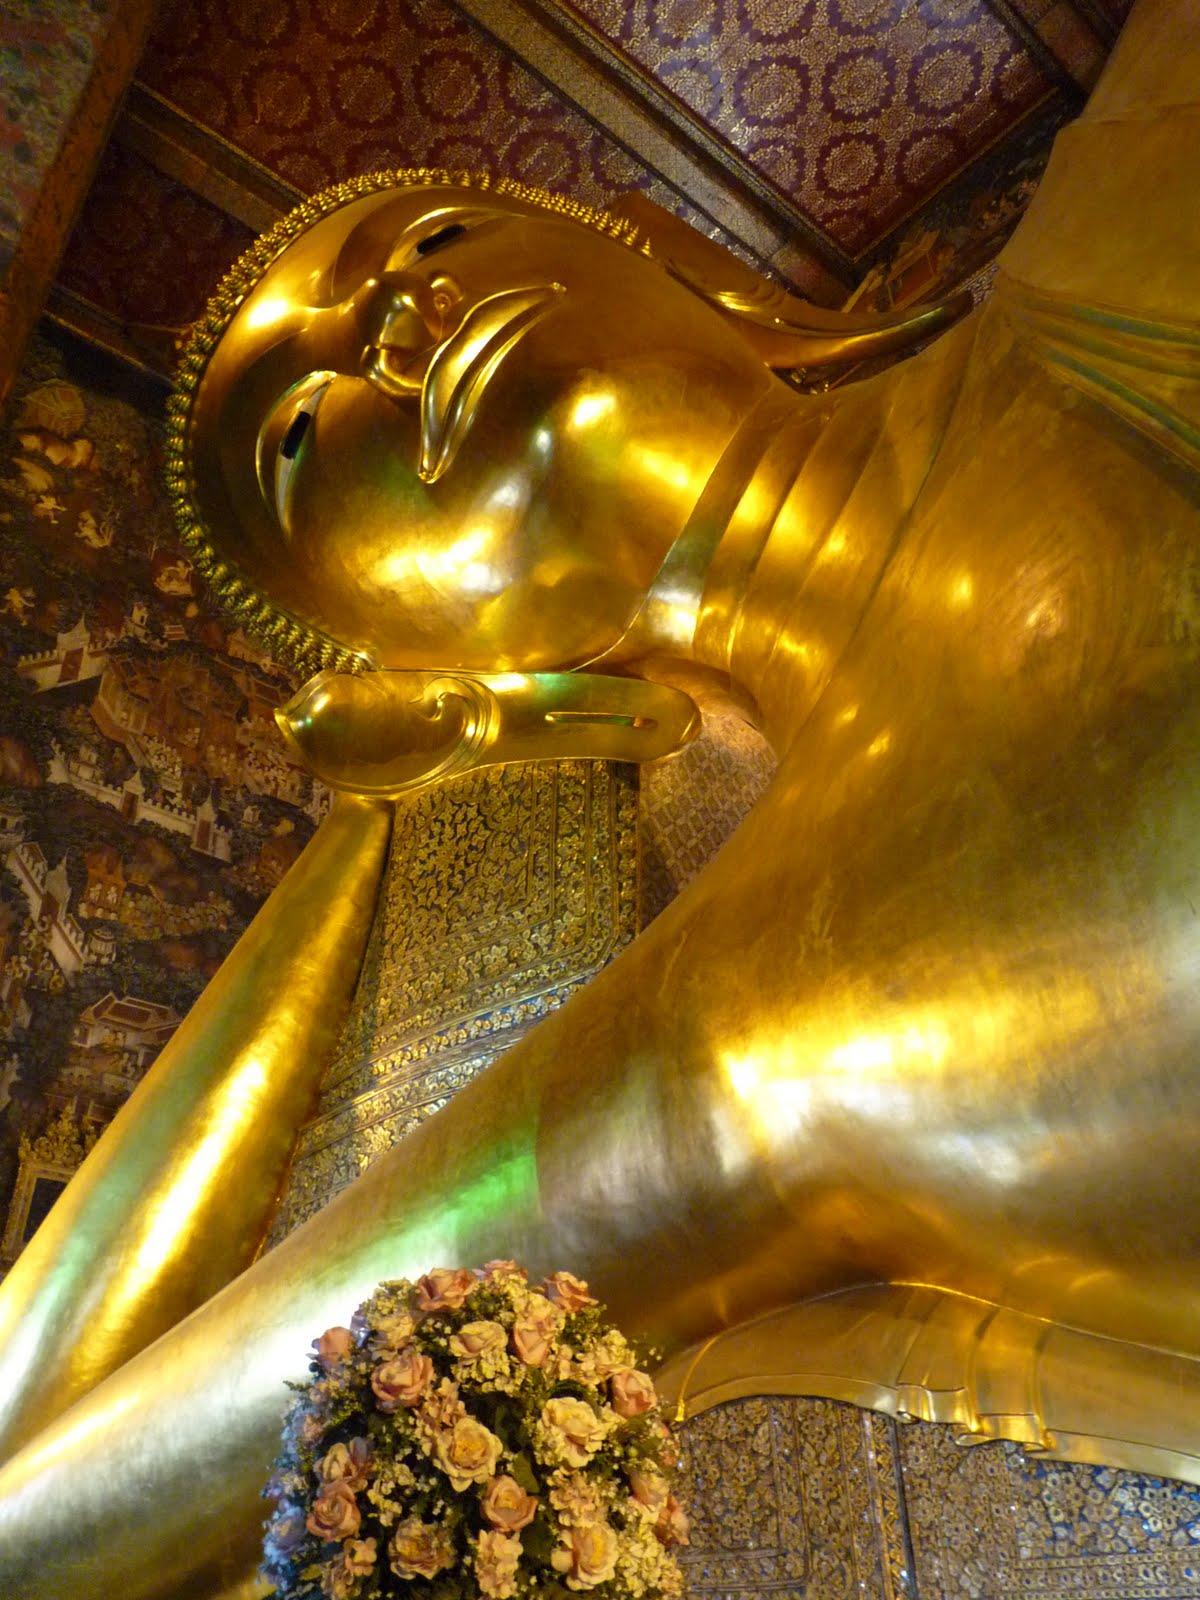 Alethea S Excellent Adventures A Double Dose Of Bangkok